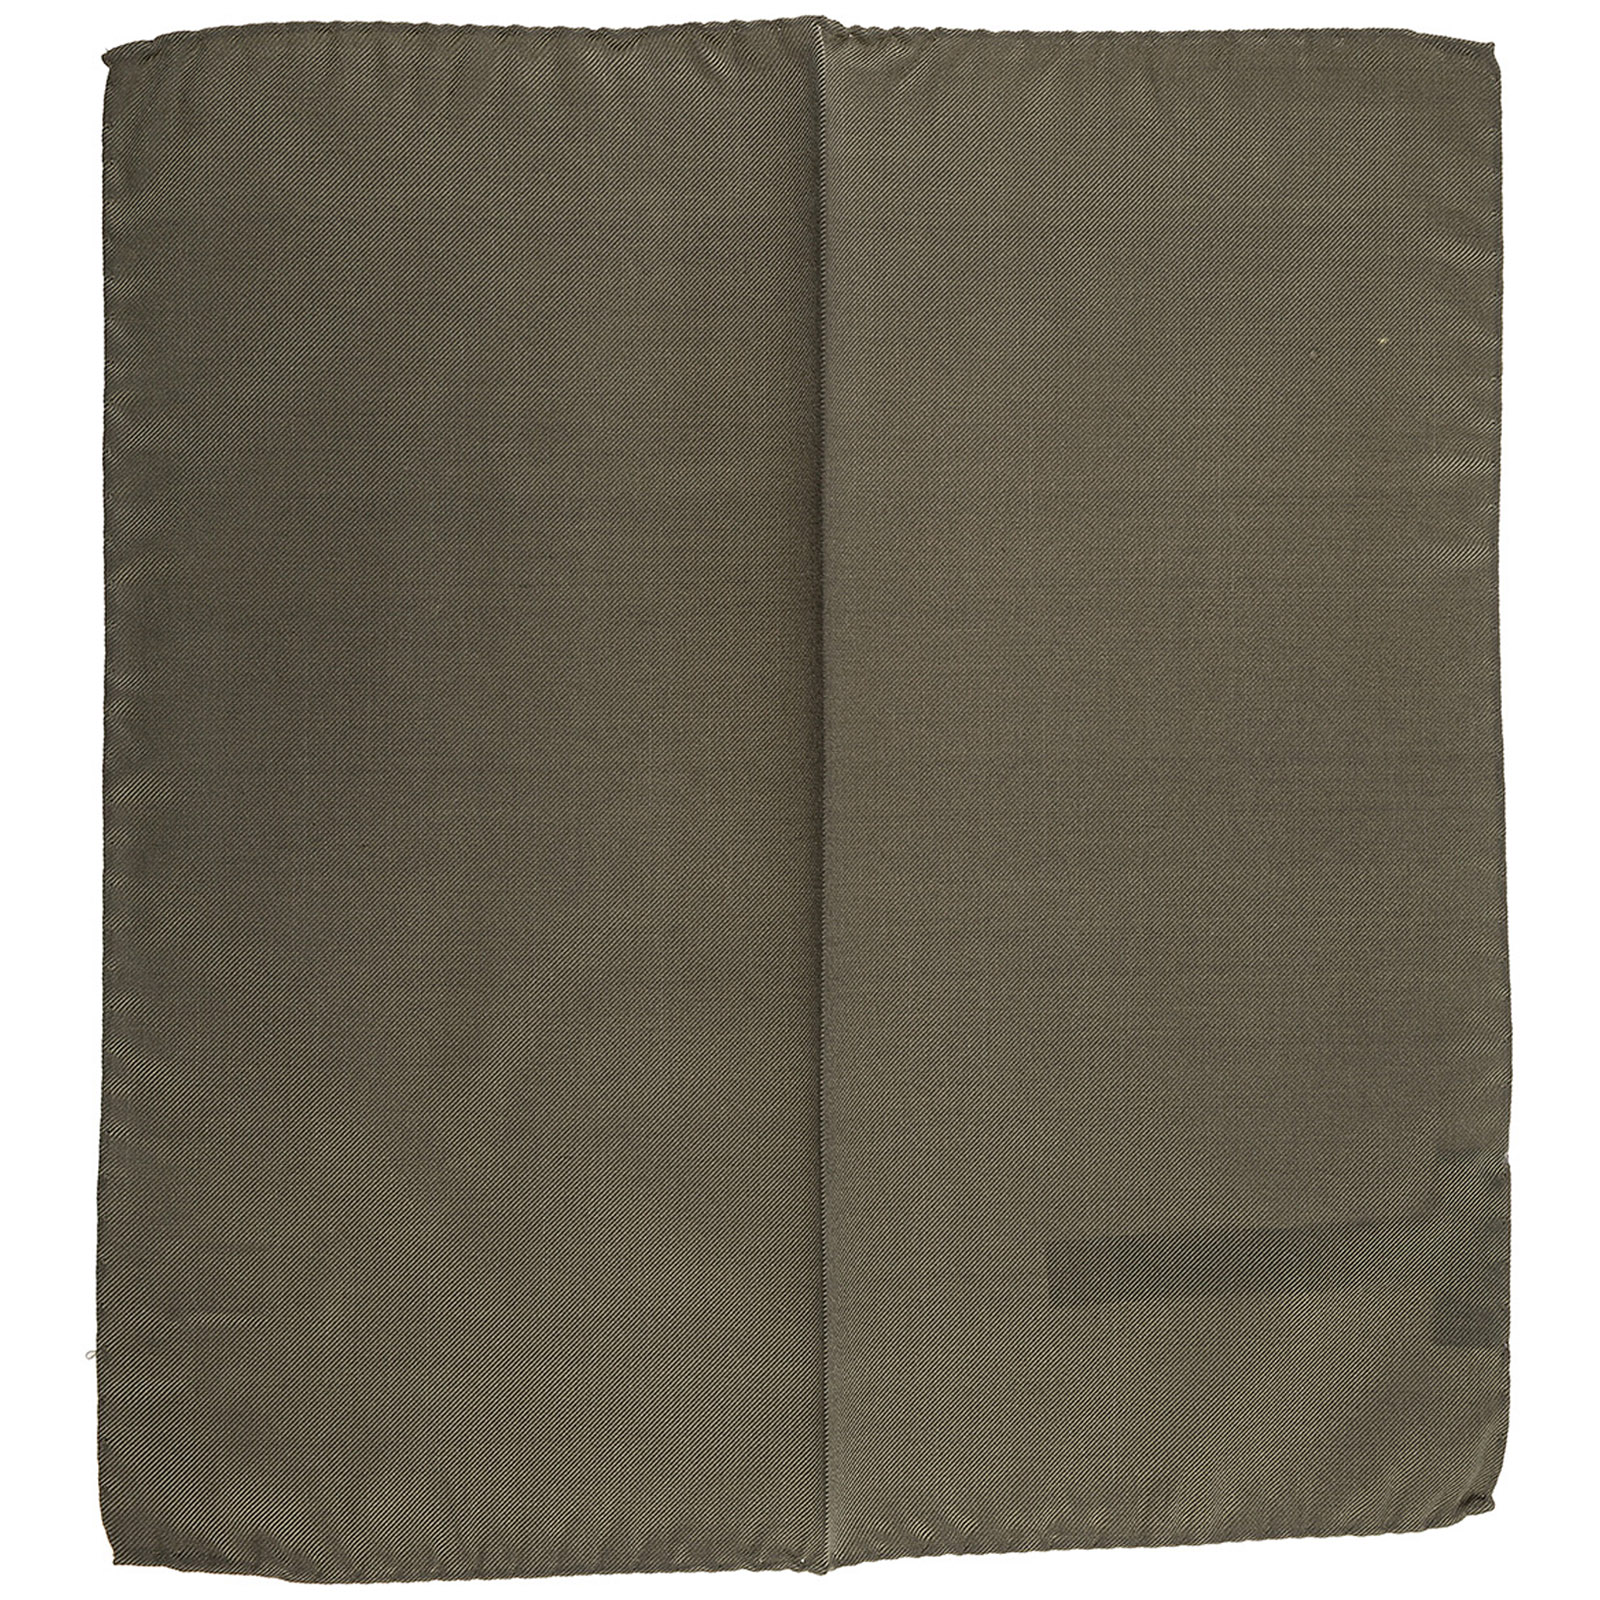 6c75638cd3 Pochette da giacca uomo